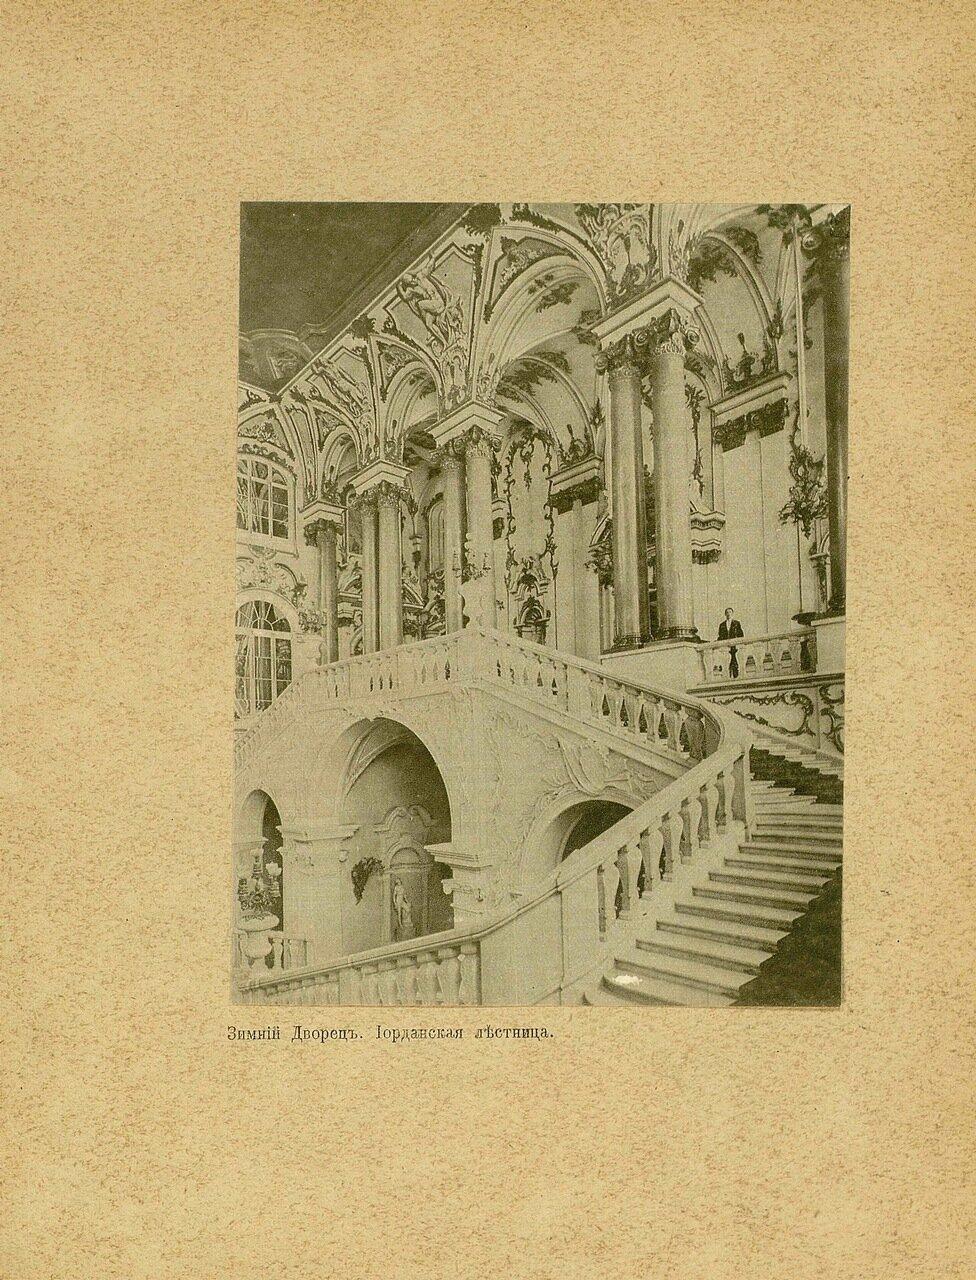 Иорданская лестница